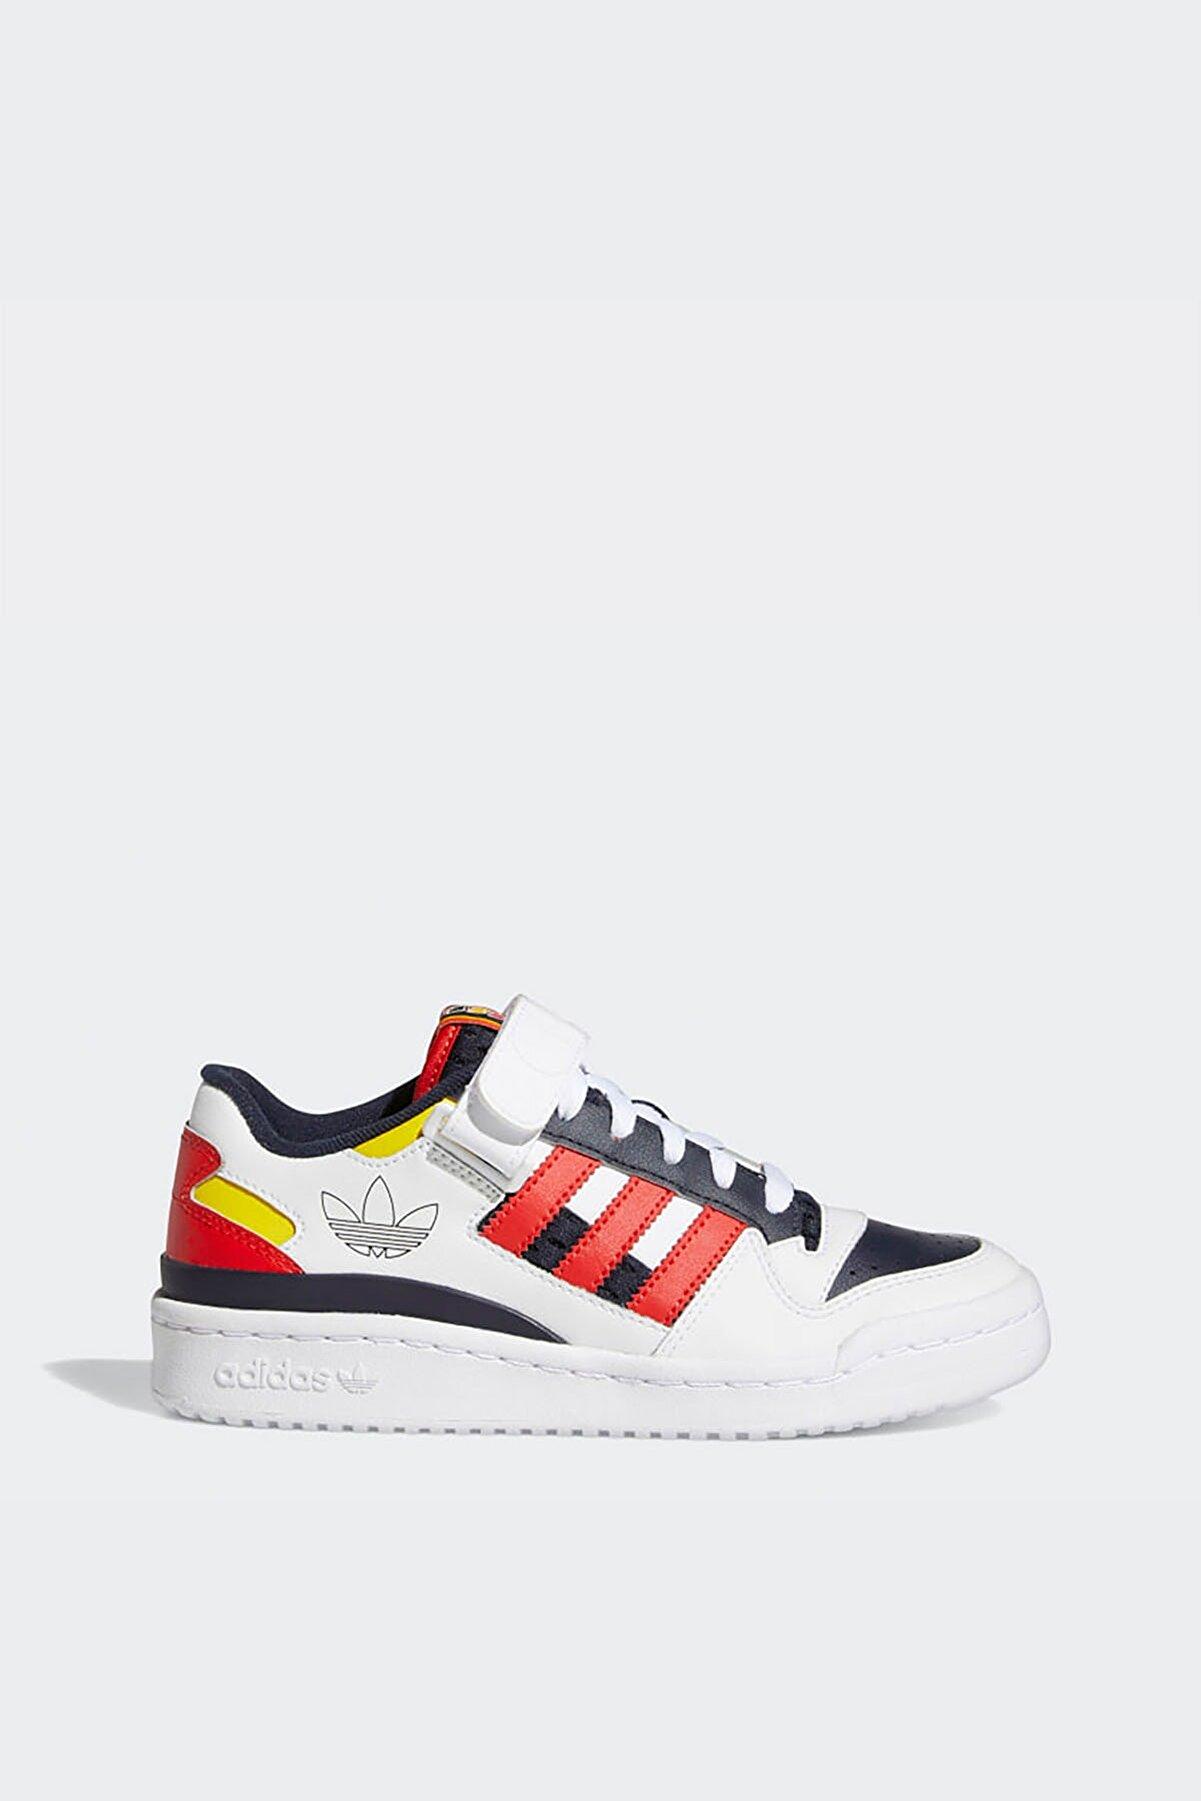 adidas Çocuk Günlük Ayakkabı Forum Low J H04423